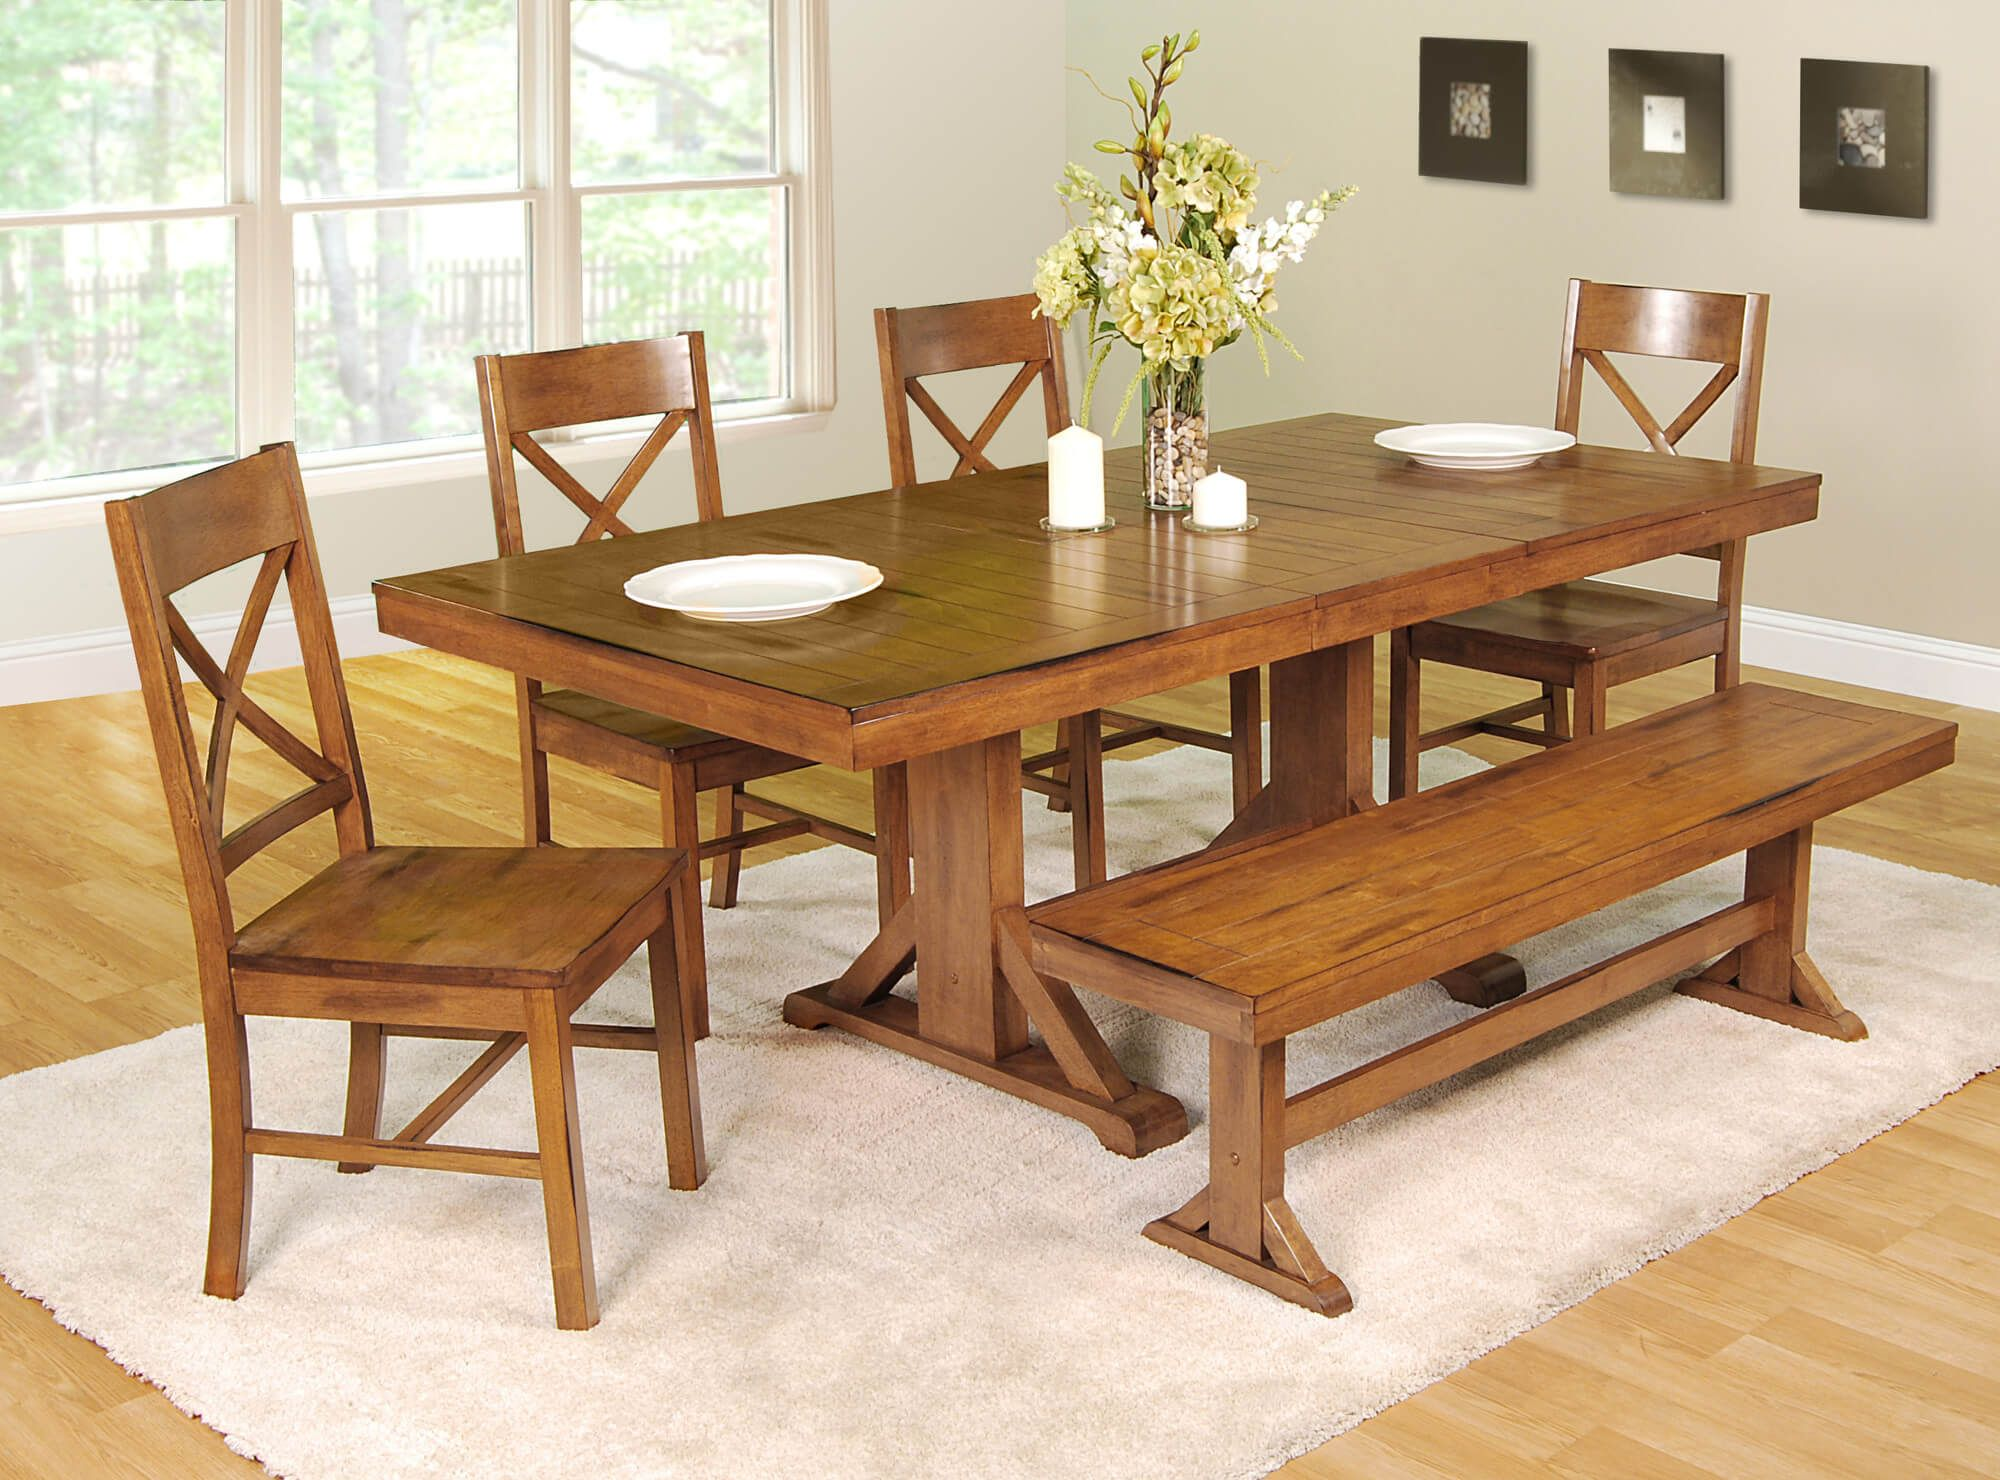 Kleine Küche Stühle | Stühle | Pinterest | Stuhl und Küche